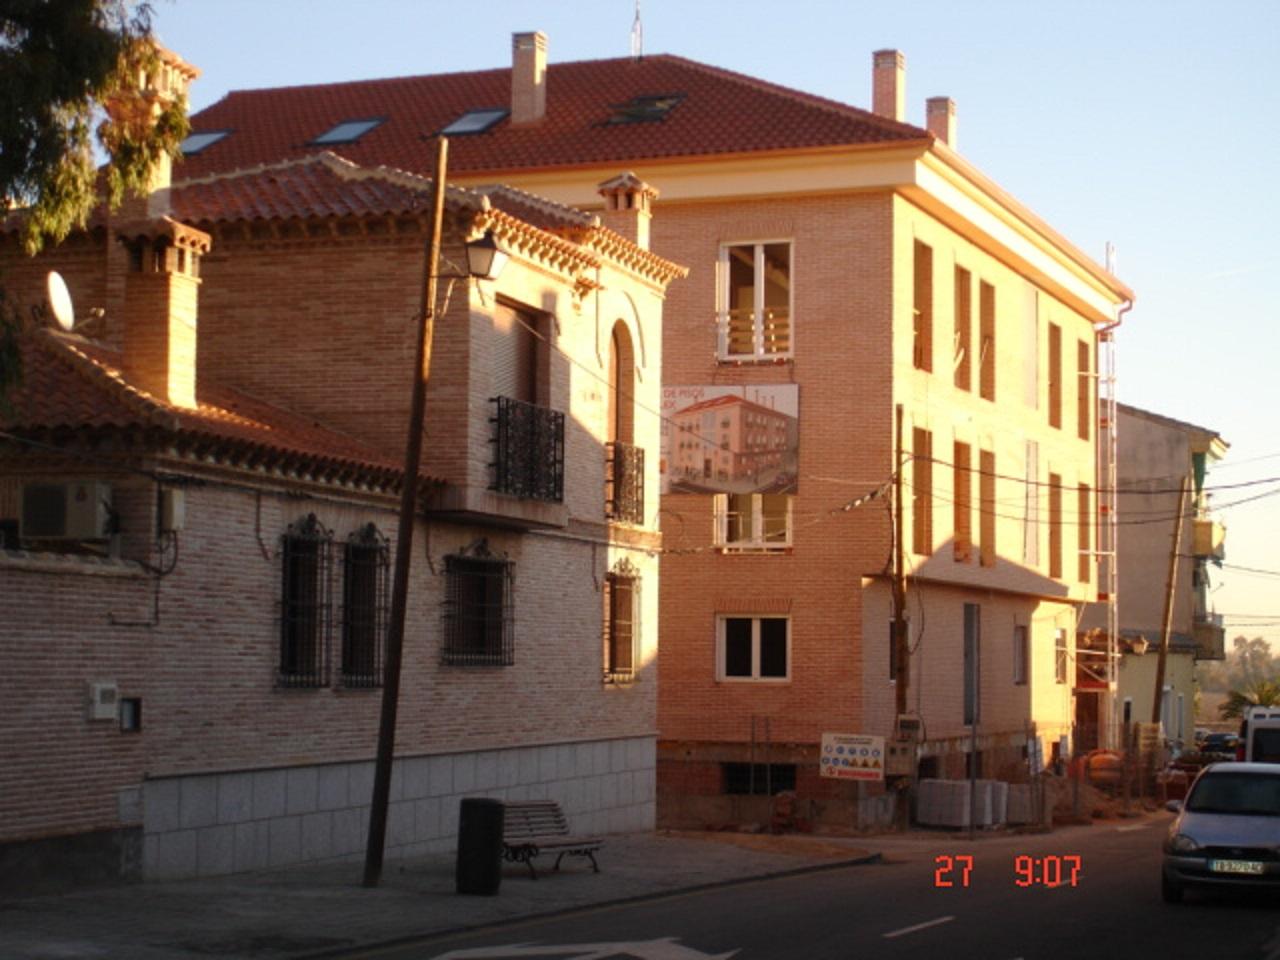 Fachadas de ladrillo rustico good fachada de casa rustica for Fachadas de ladrillo rustico